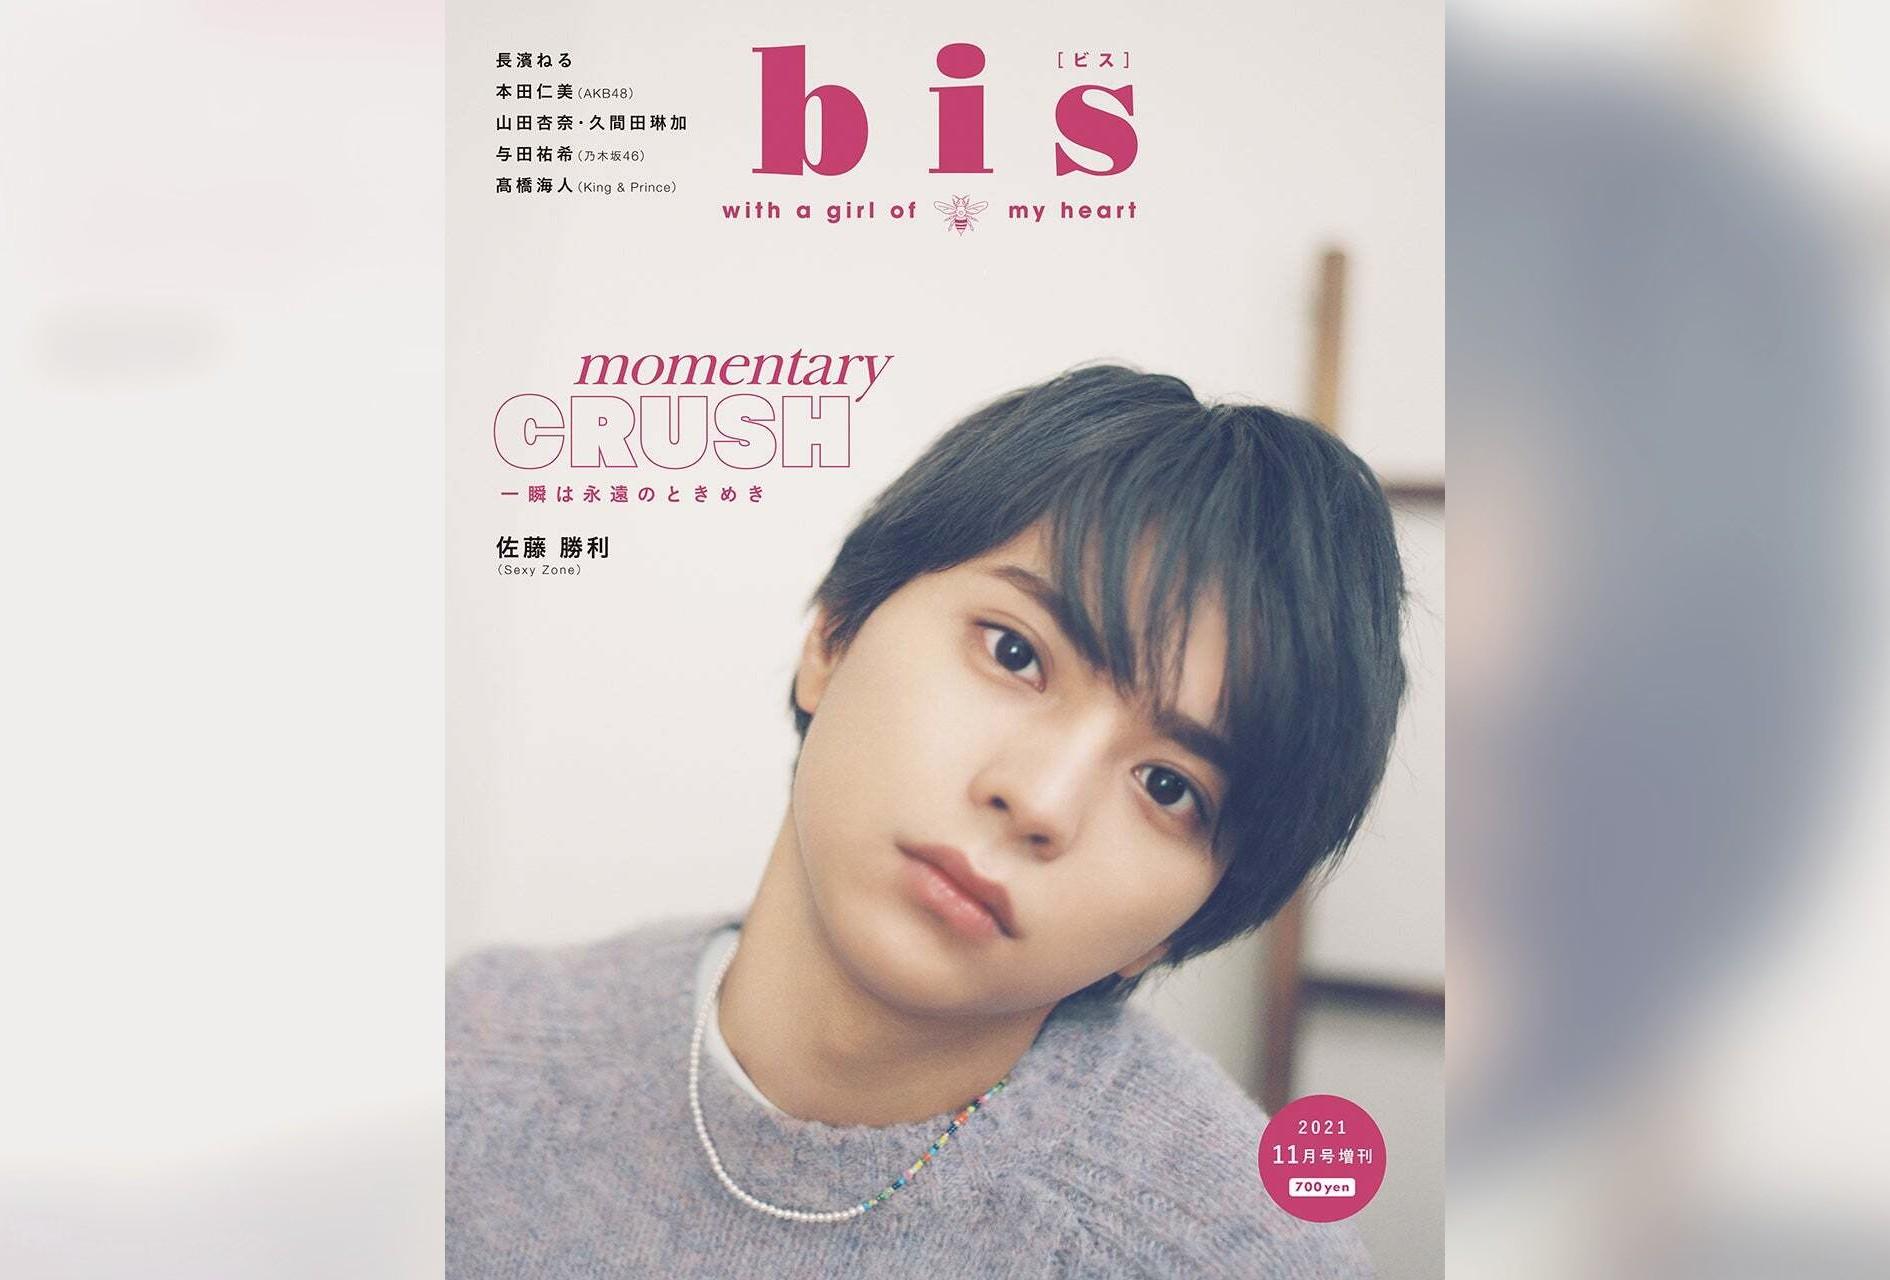 佐藤勝利登雜誌「bis」11月號 此雜誌首次請同一位男性藝人擔任2次封面人物